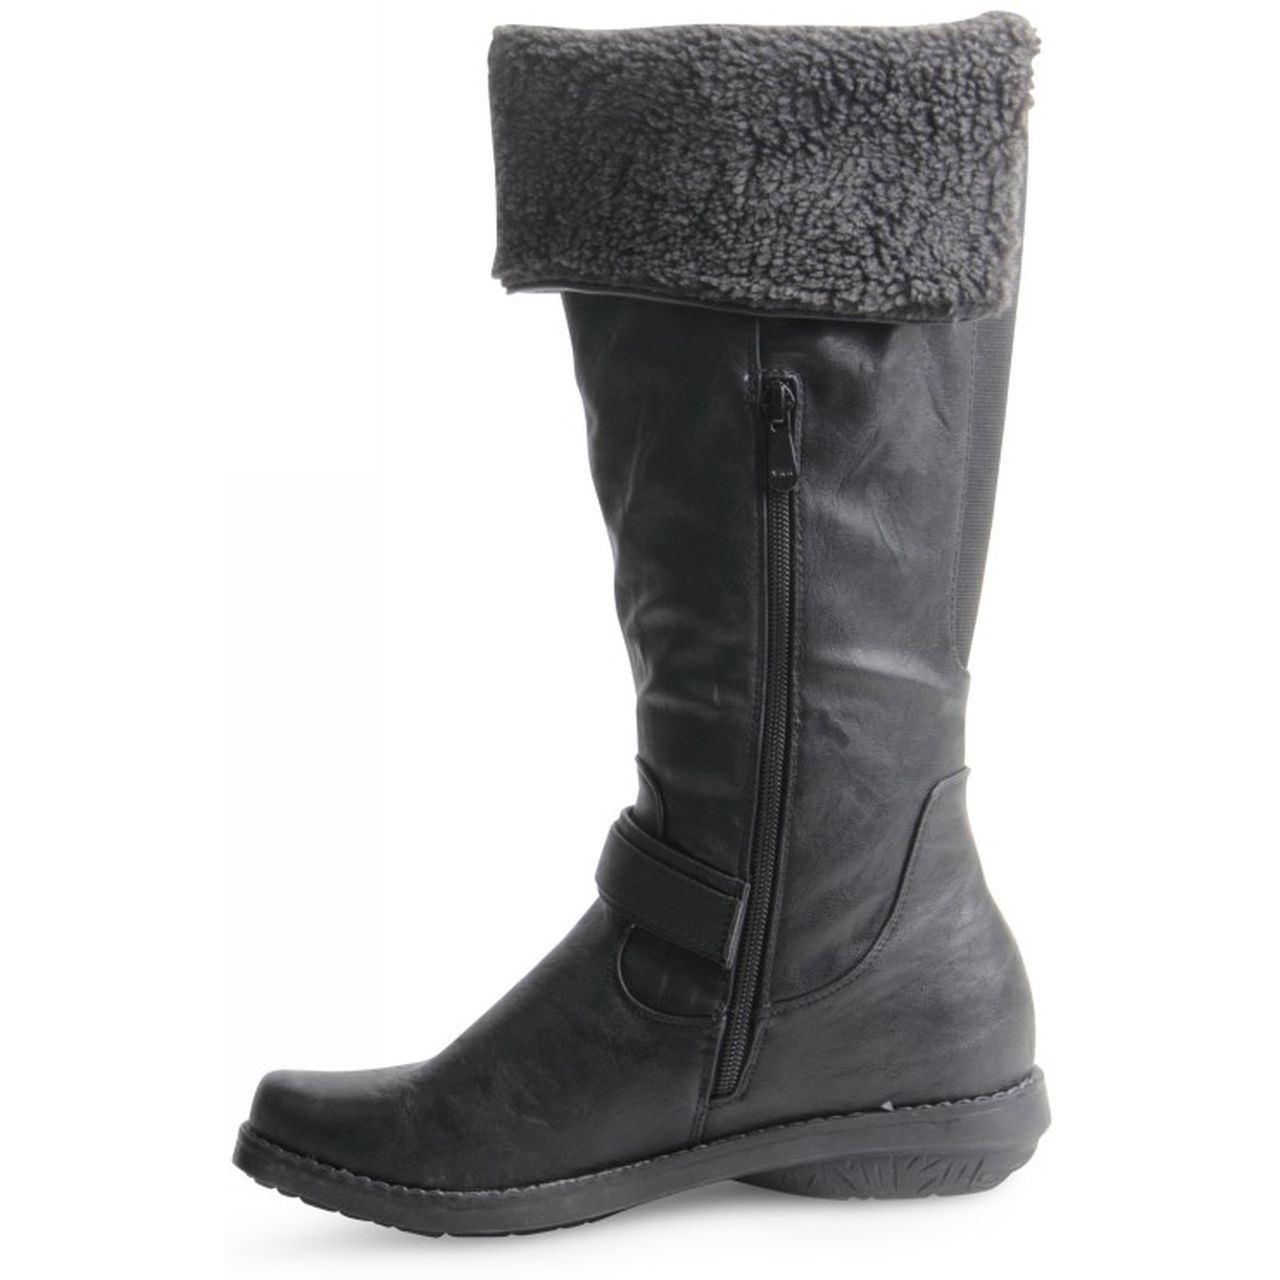 Scarpe Caldo Donna Stivali Invernali Gherone Pieghevole Zip Elasticizzato Stile Rqwq1